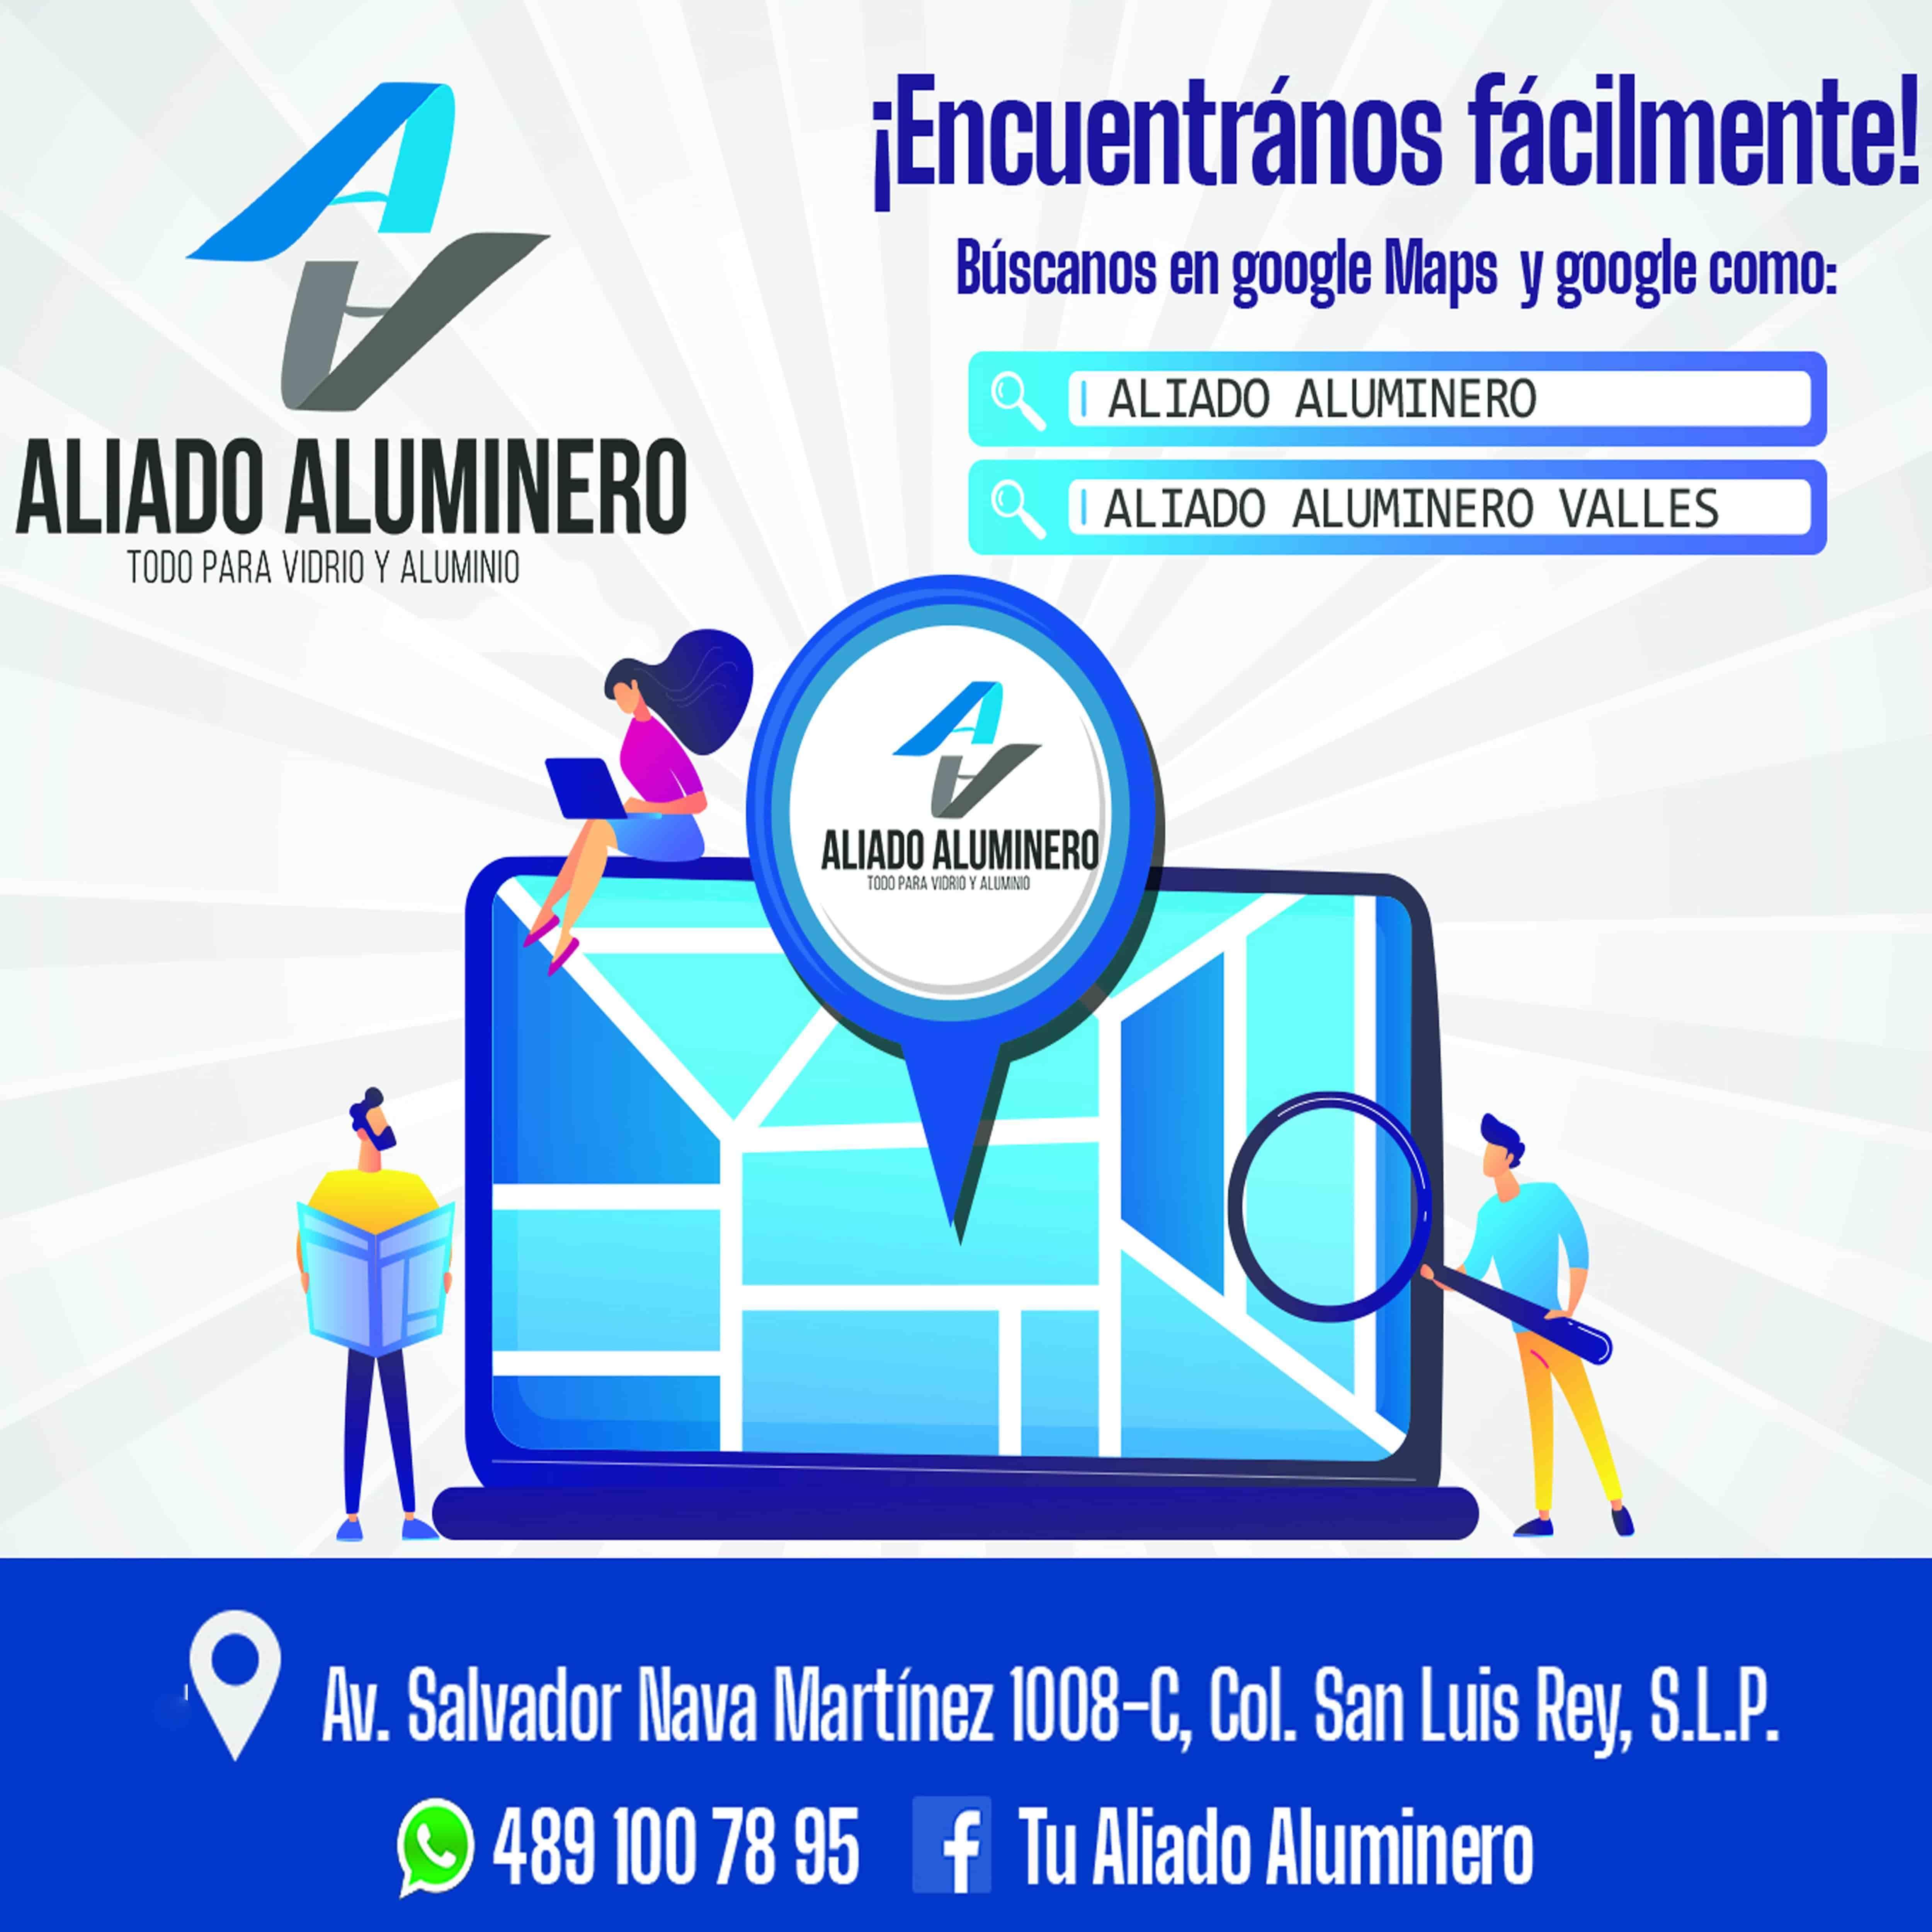 ALIADO ALUMINERO ,TODO PARA VIDRIO Y ALUMINIO ,¡ENCUENTRANOS  FACILMENTE!